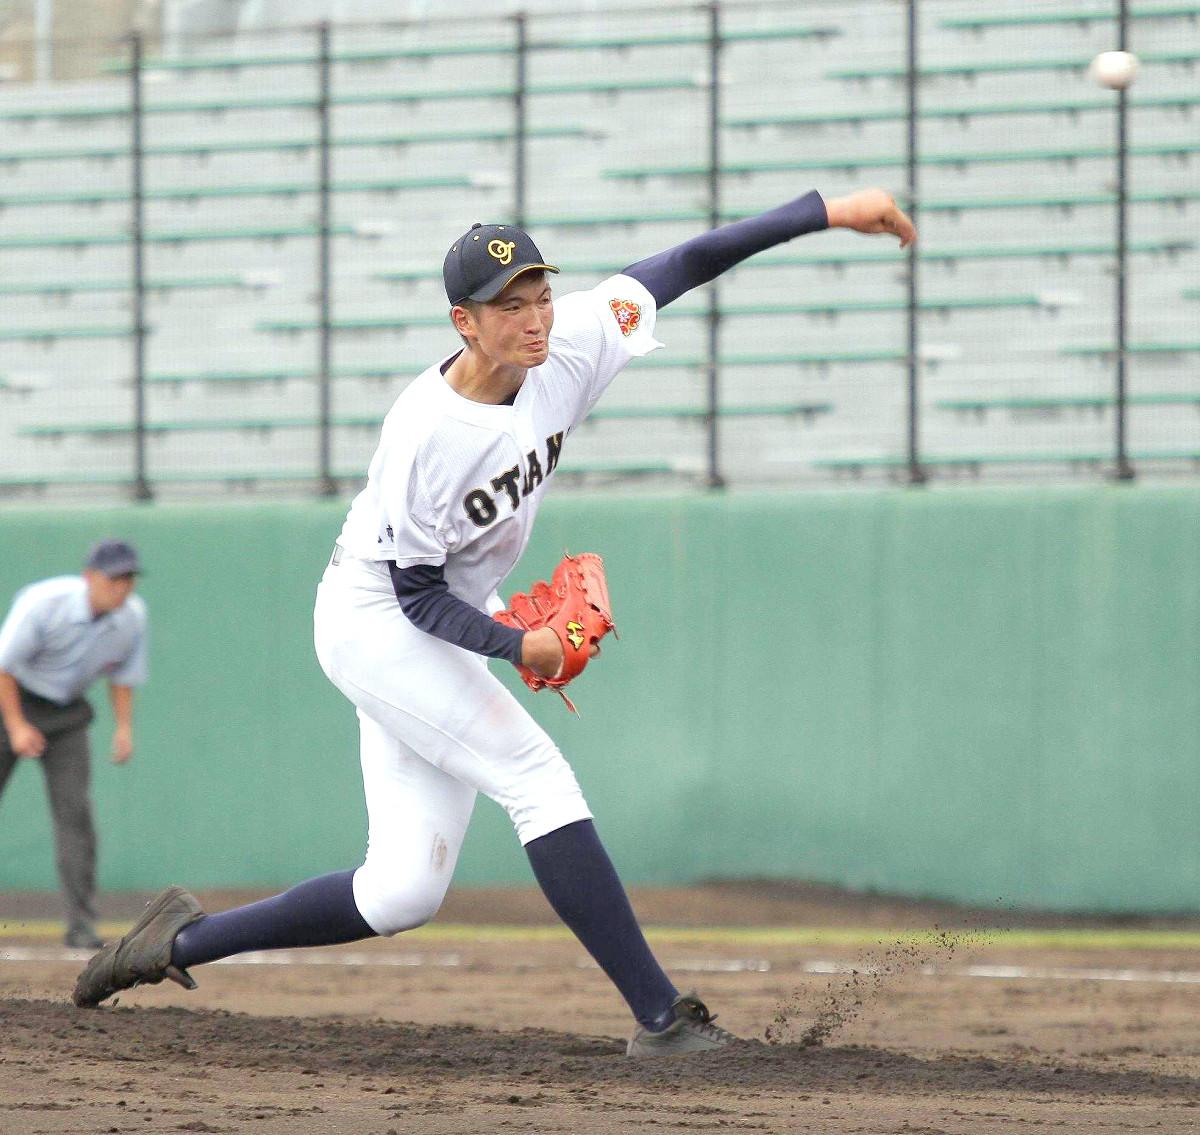 2メートルの長身から投げ下ろす札幌大谷の阿部剣友投手